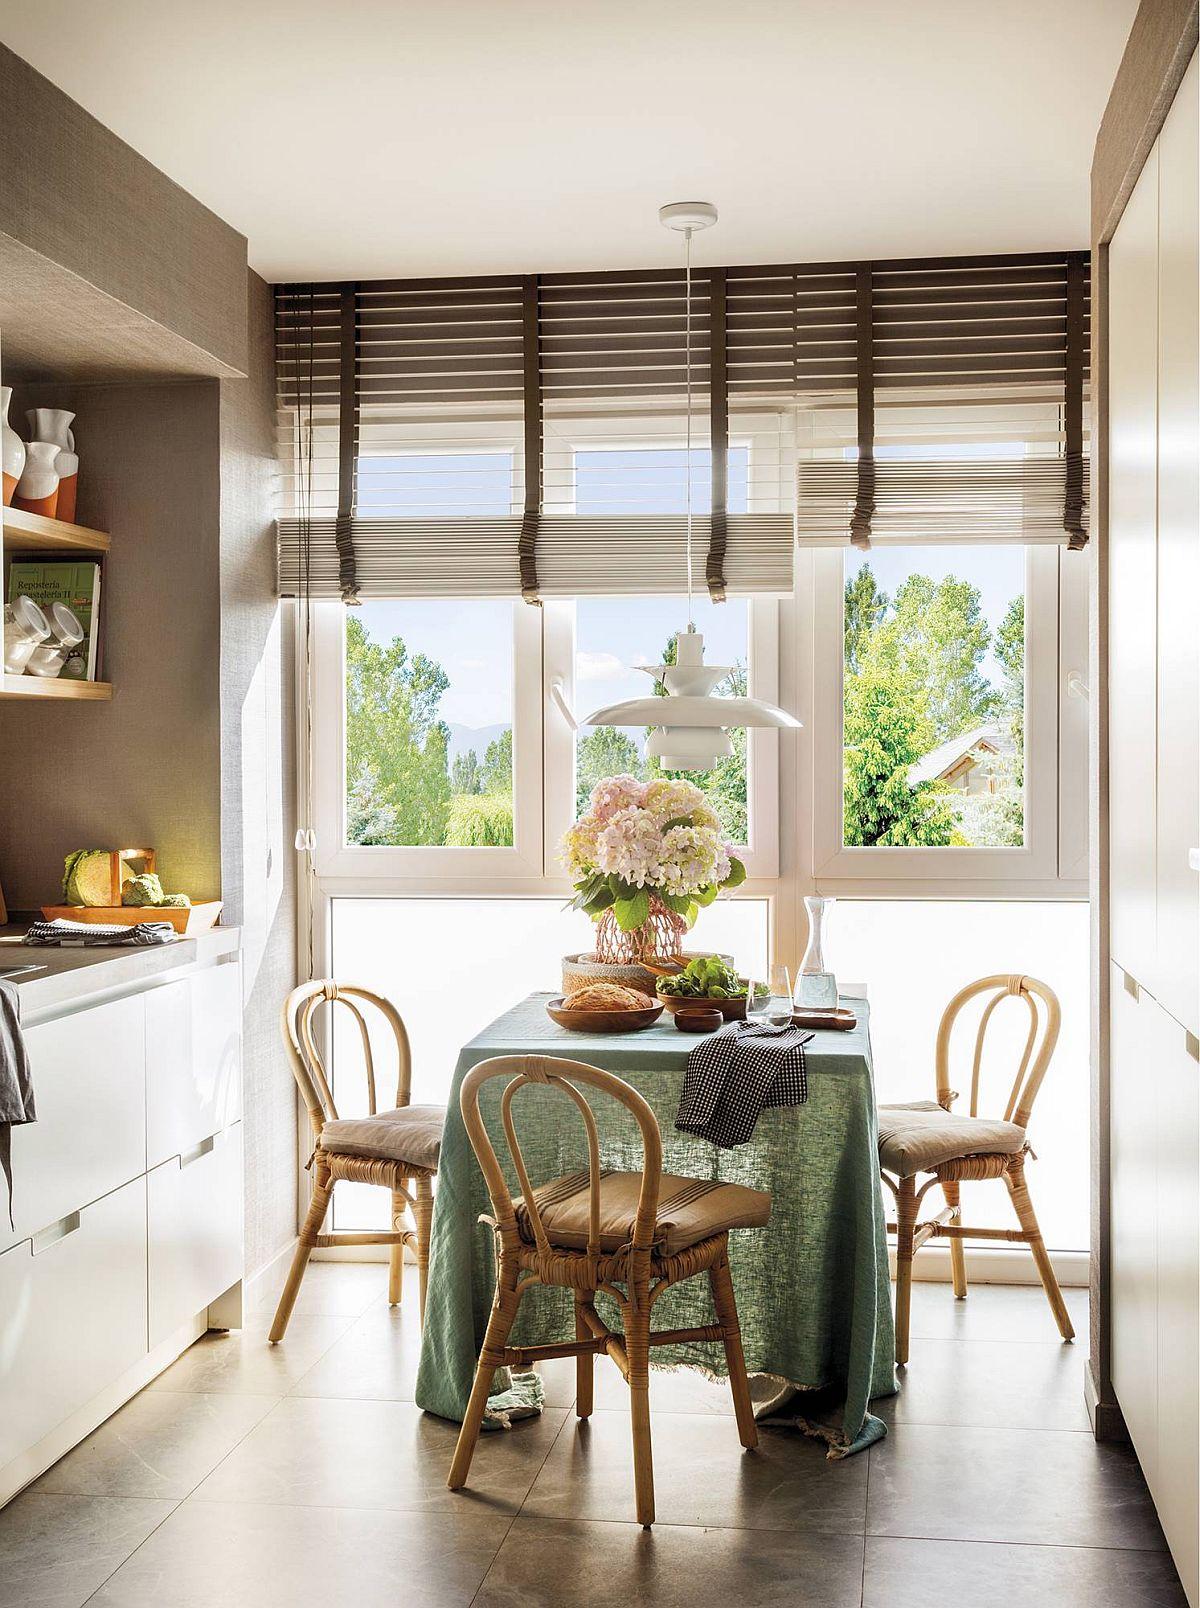 Pentru locul de luat masa s-a căștigat spațiu important, deși nu ai crede că doar 60 de centimetri pot face diferența dintre o bucătărie simplă și una cu loc pentru masă. Modul de ambientare contează și el în felul în care se simte bucătăria (mobilier de grădină pentru zona de masă), dar și faptul că fereastra este generoasă, practic până jos, partea inferioară fiind cu sticlă mată.